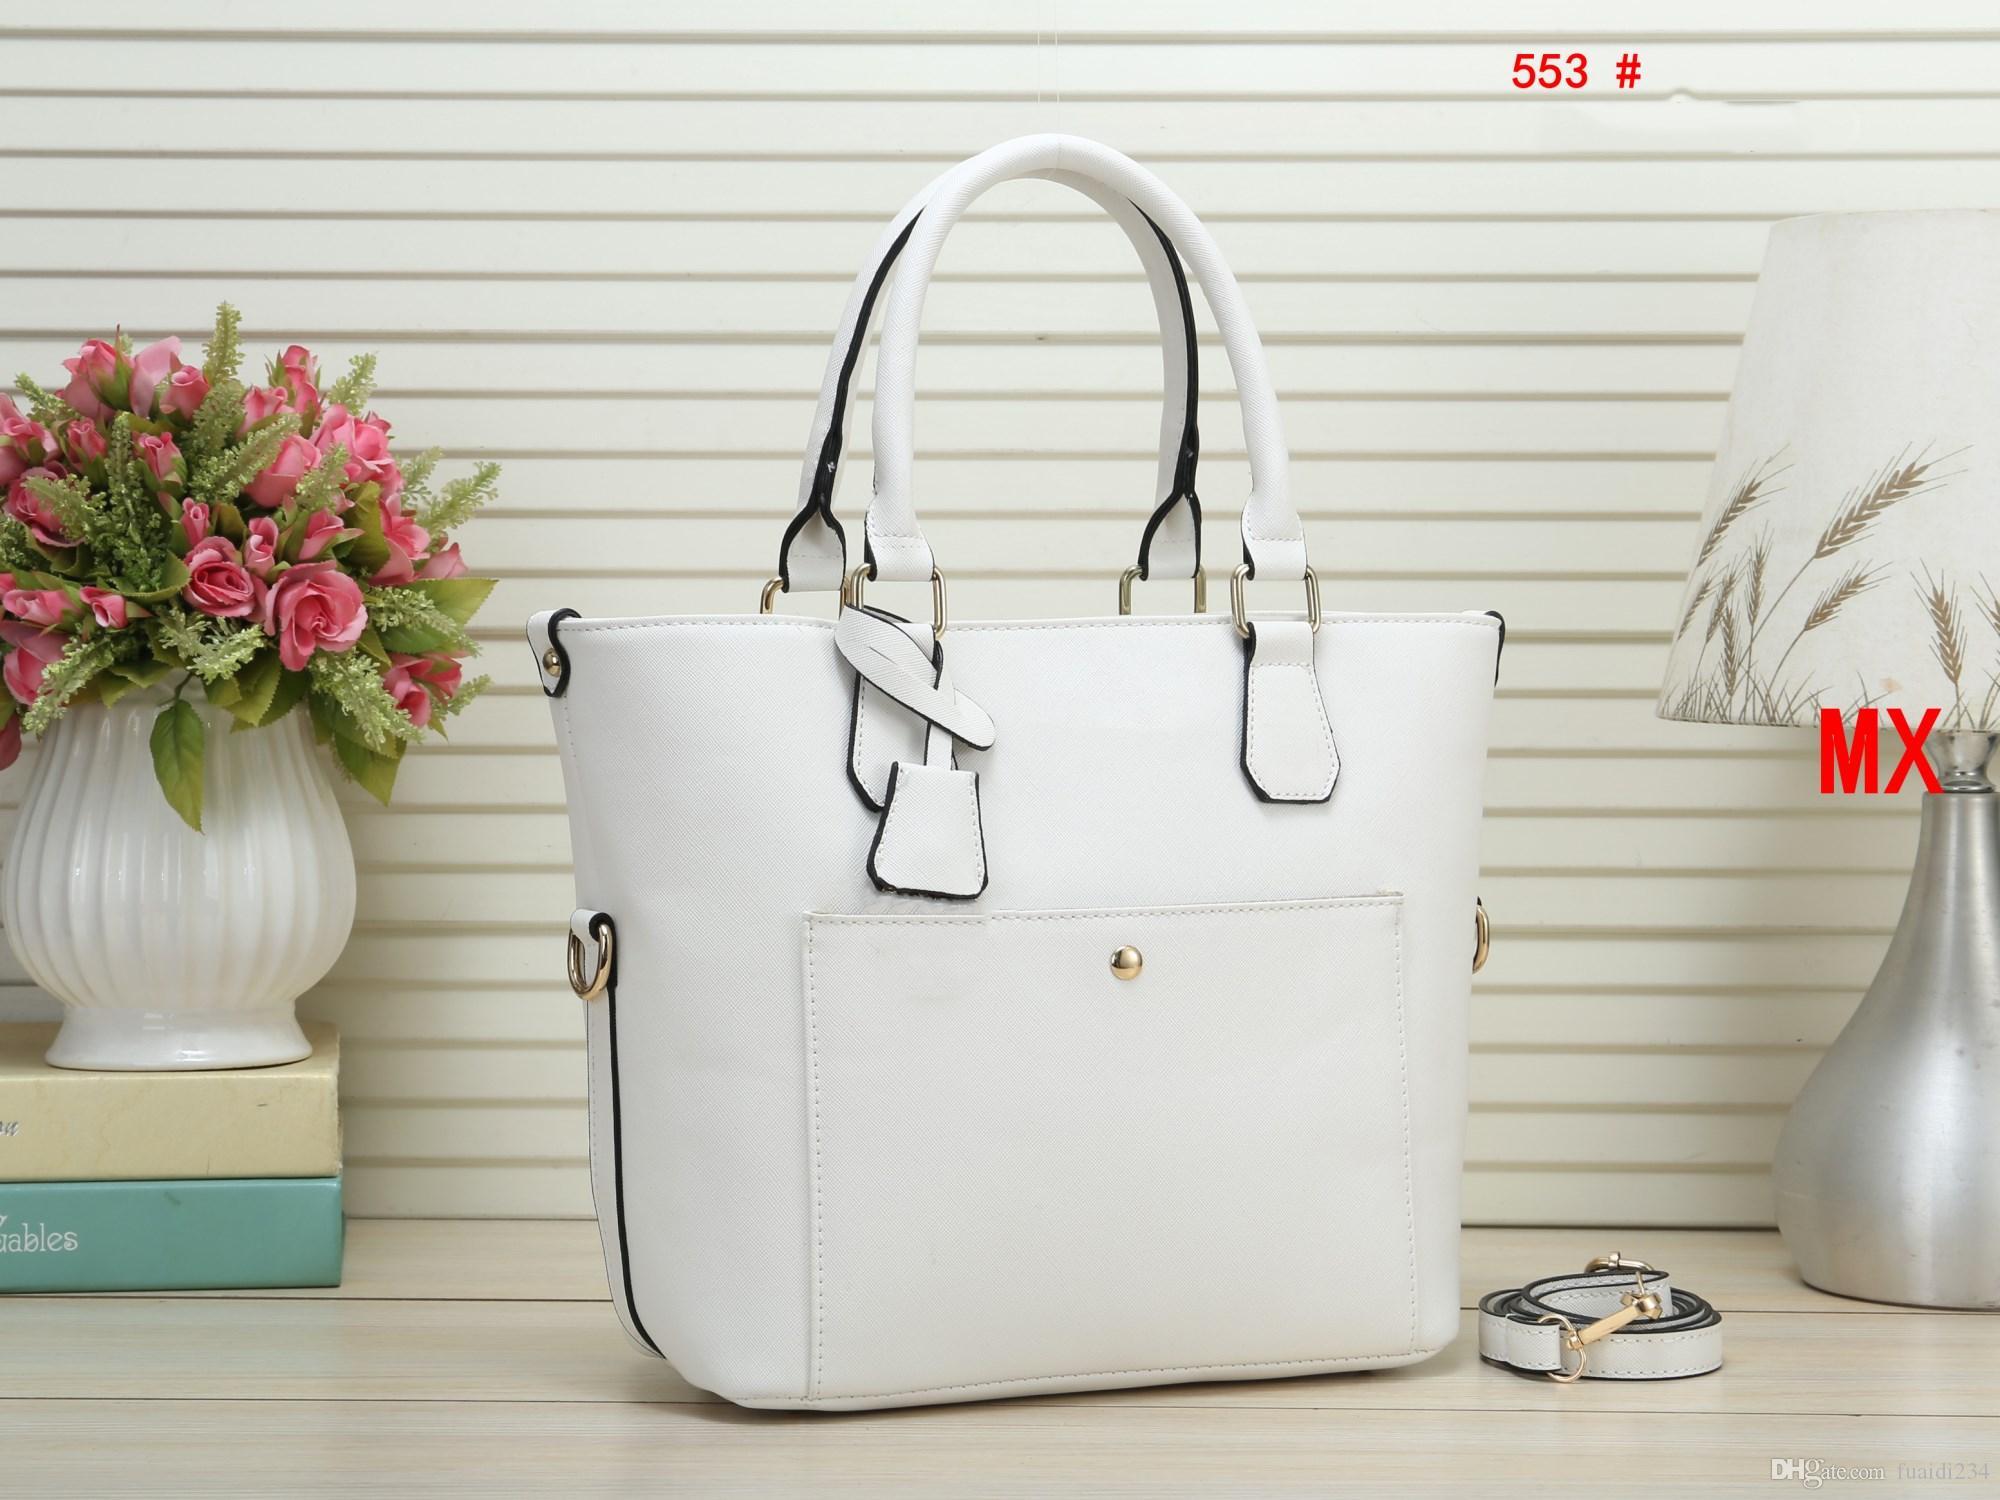 뜨거운!!! 유명 브랜드 여성 가방 PU 가죽 핸드백 유명 디자이너 브랜드 가방 지갑 숄더 토트 백 지갑 M553